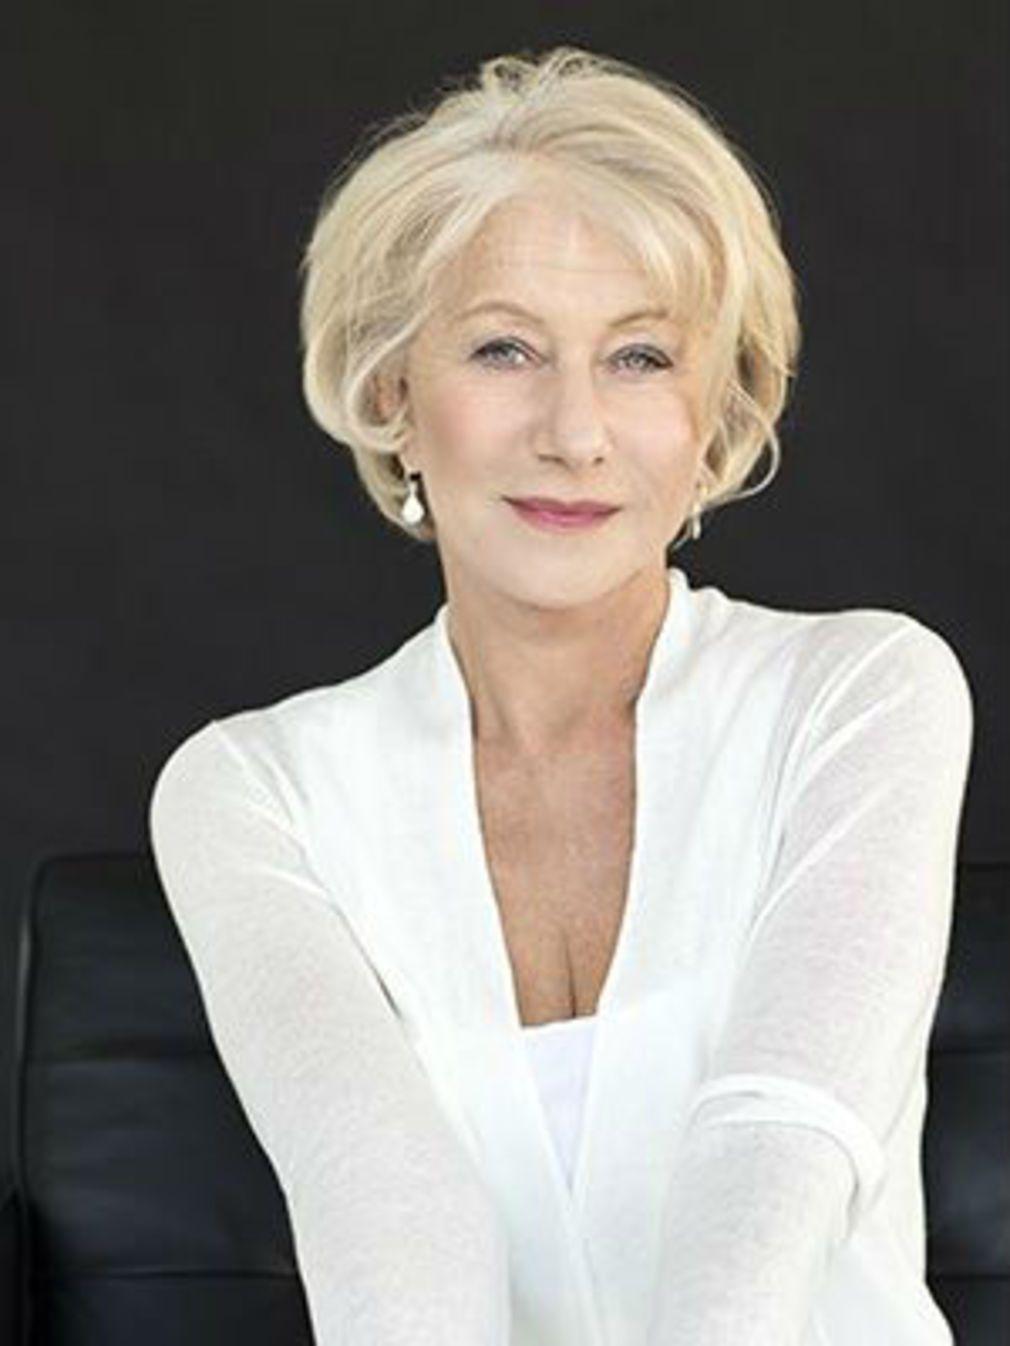 Liste : Les +20 meilleures images de coiffure femme 60 ans et plus - LiloBijoux - Bijoux ...